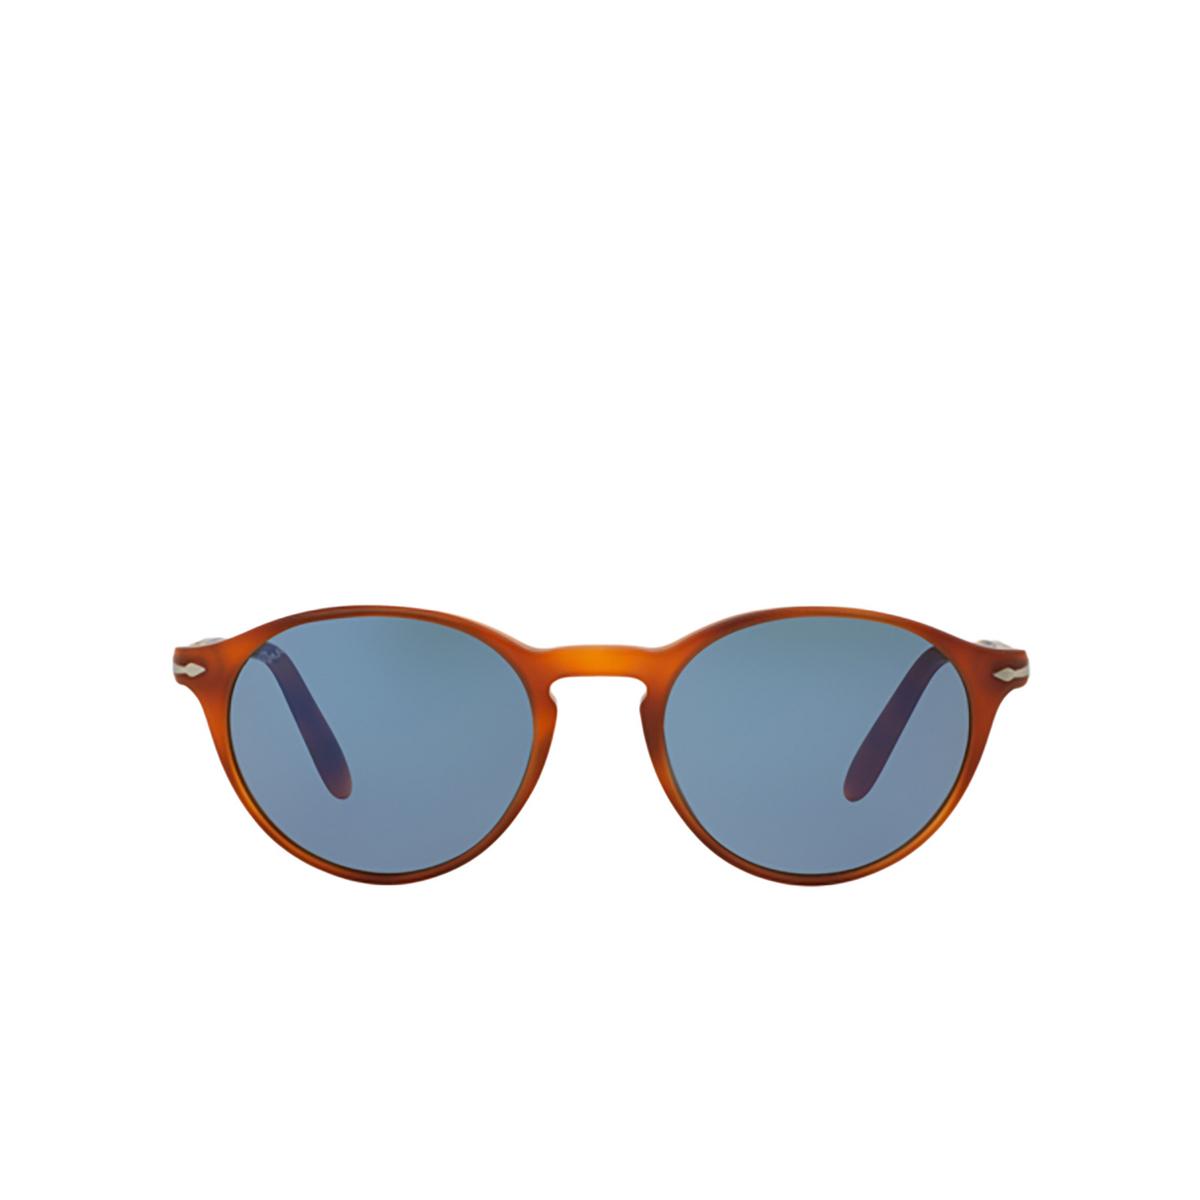 Persol® Round Sunglasses: PO3092SM color Terra Di Siena 900656 - front view.